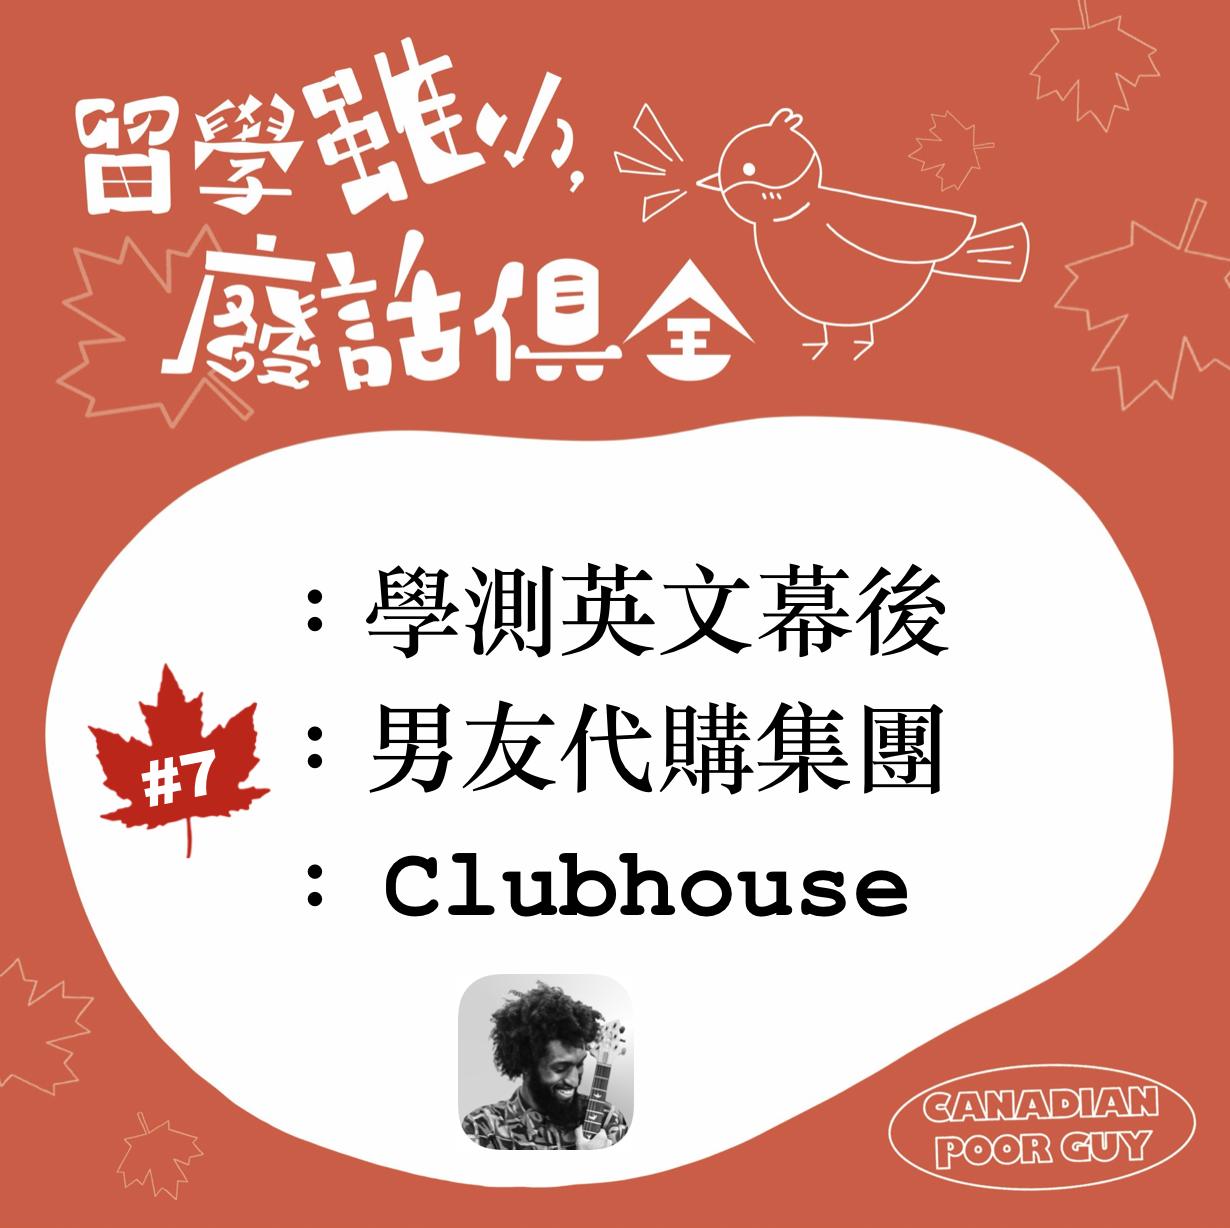 【留學雖小廢話俱全】#7:學測英文幕後、男友代購集團、Clubhouse